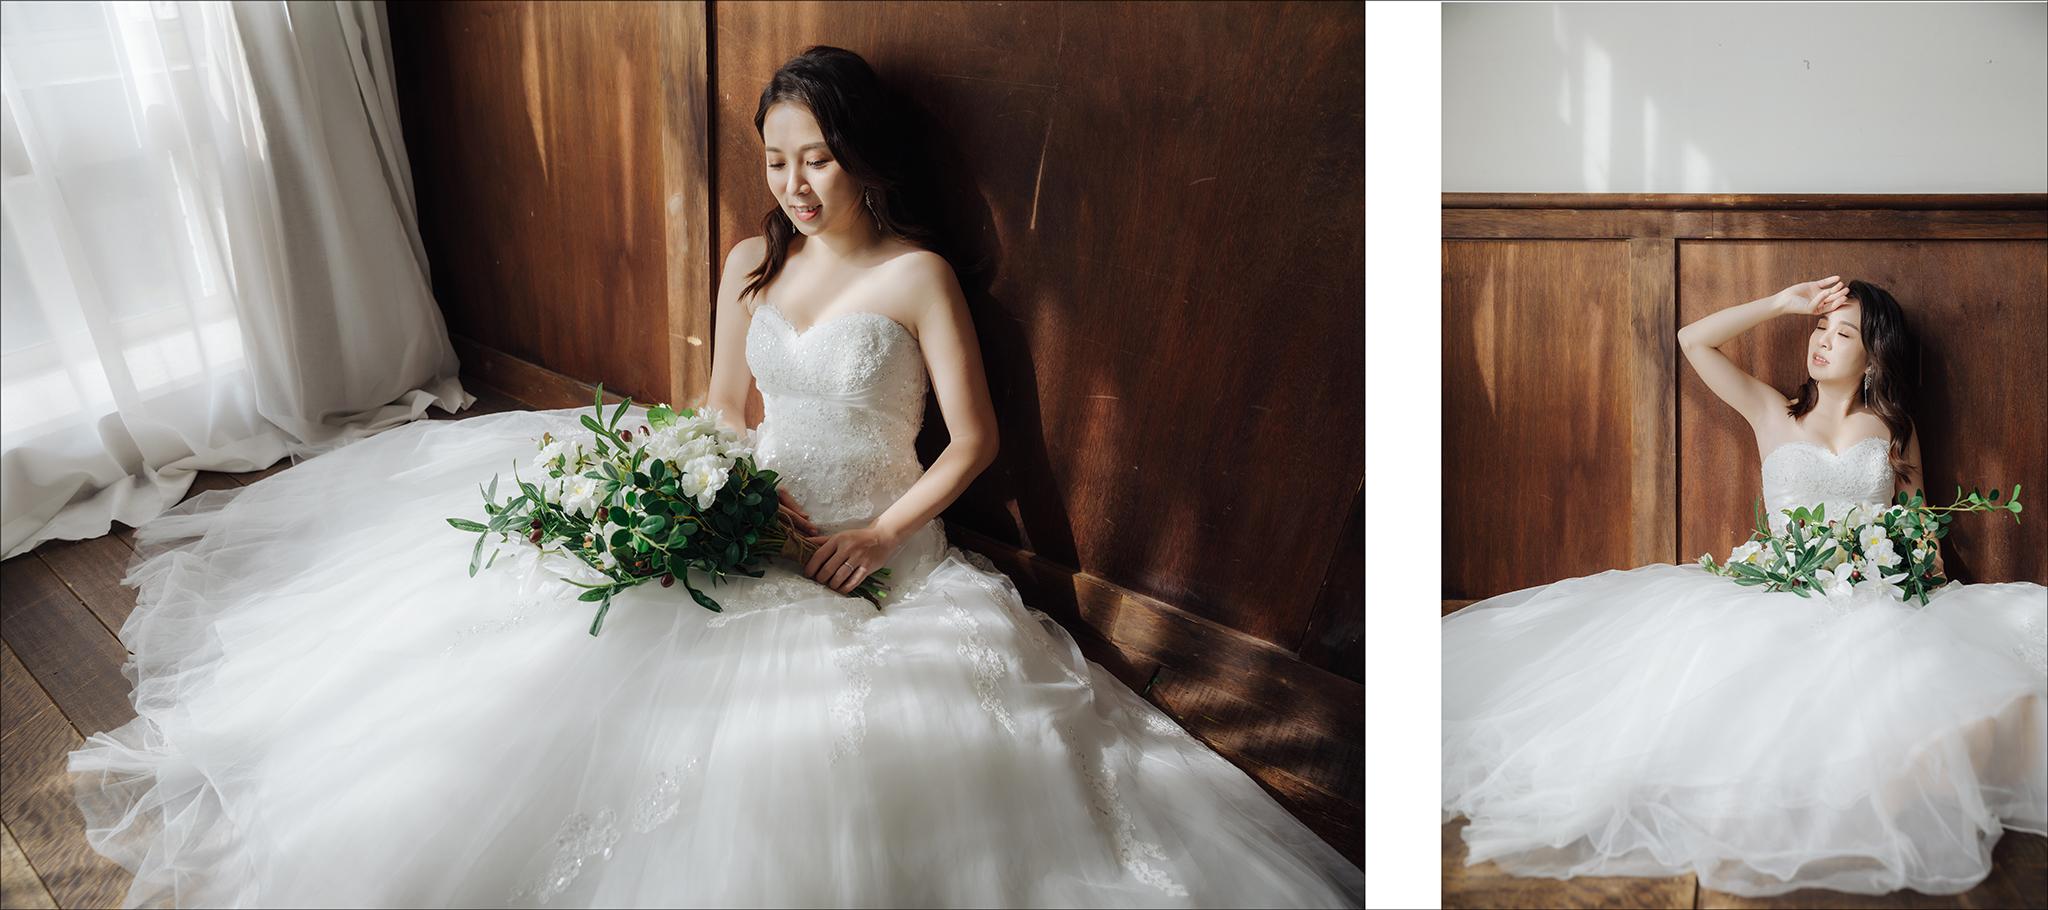 49599525207 d269b68265 o - 【自助婚紗】+啟安&虹虹+